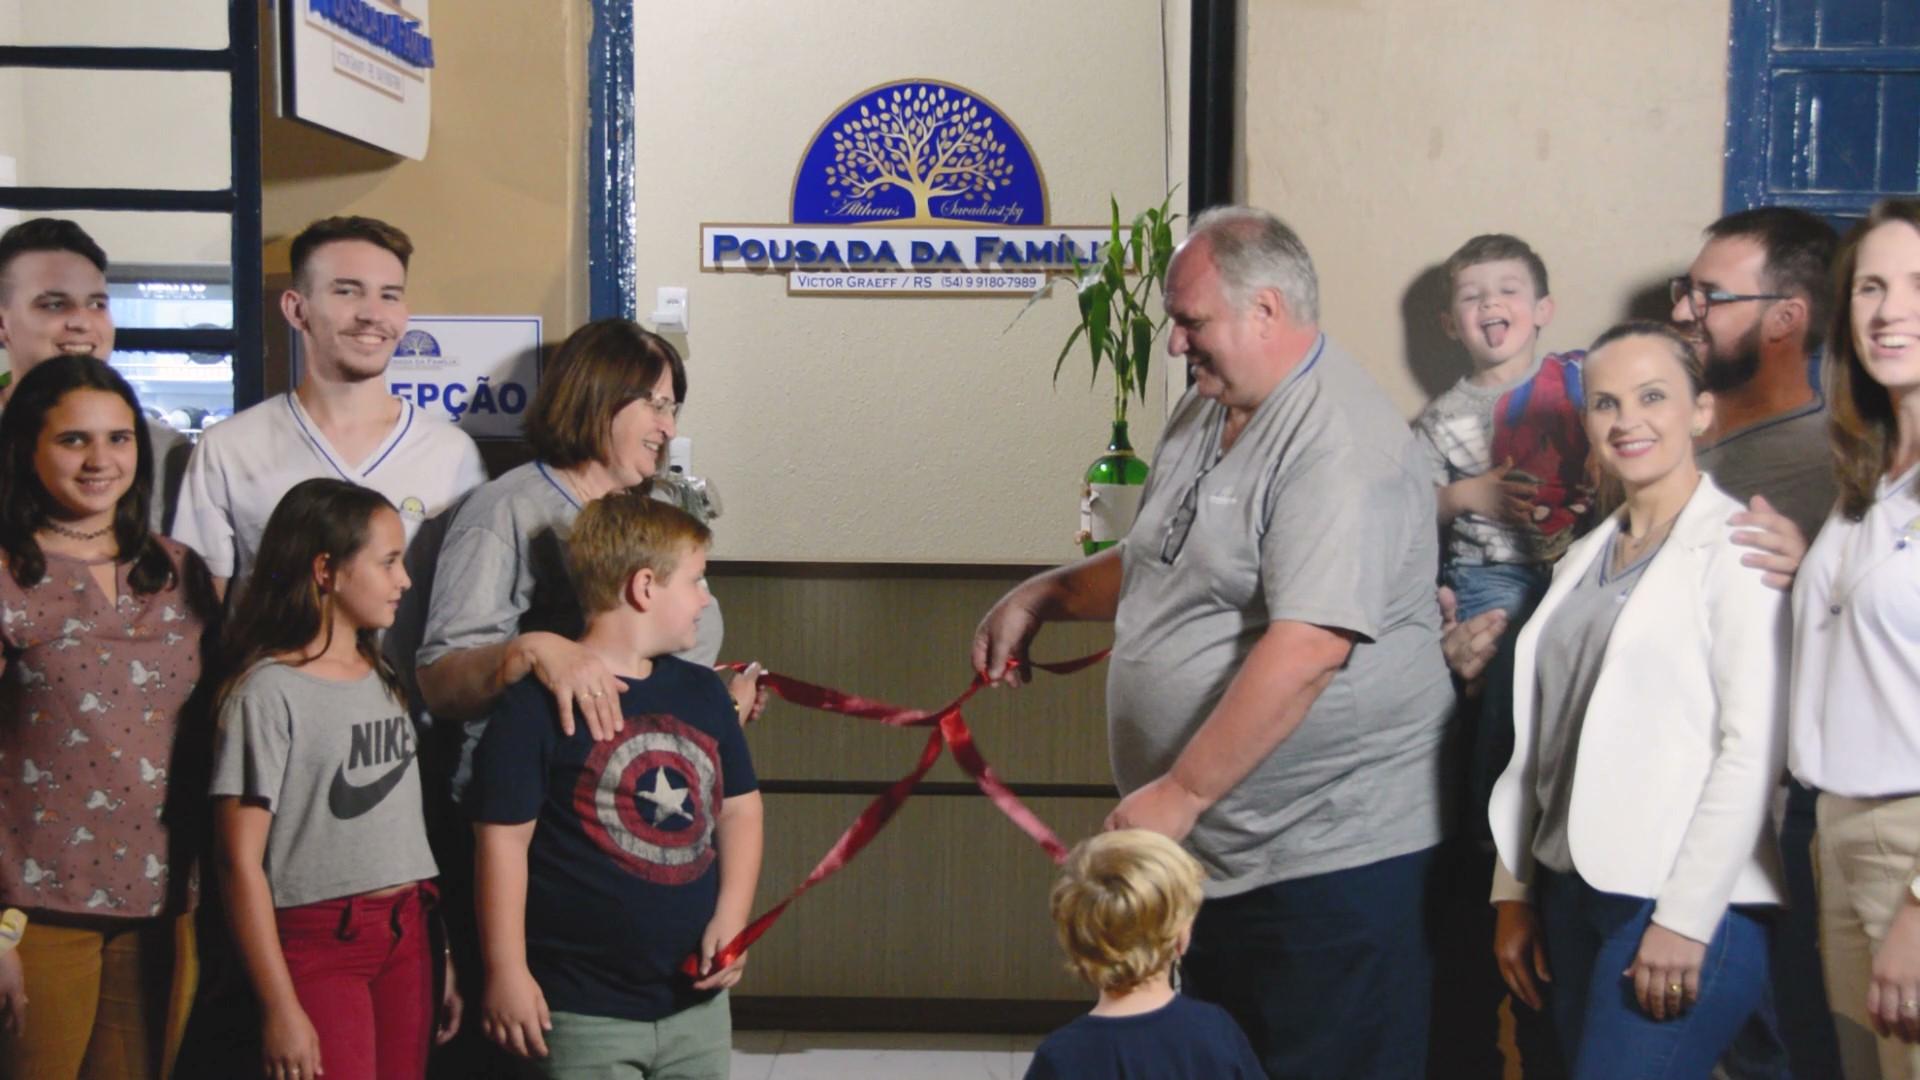 Inauguração da Pousada da Família em Victor Graeff